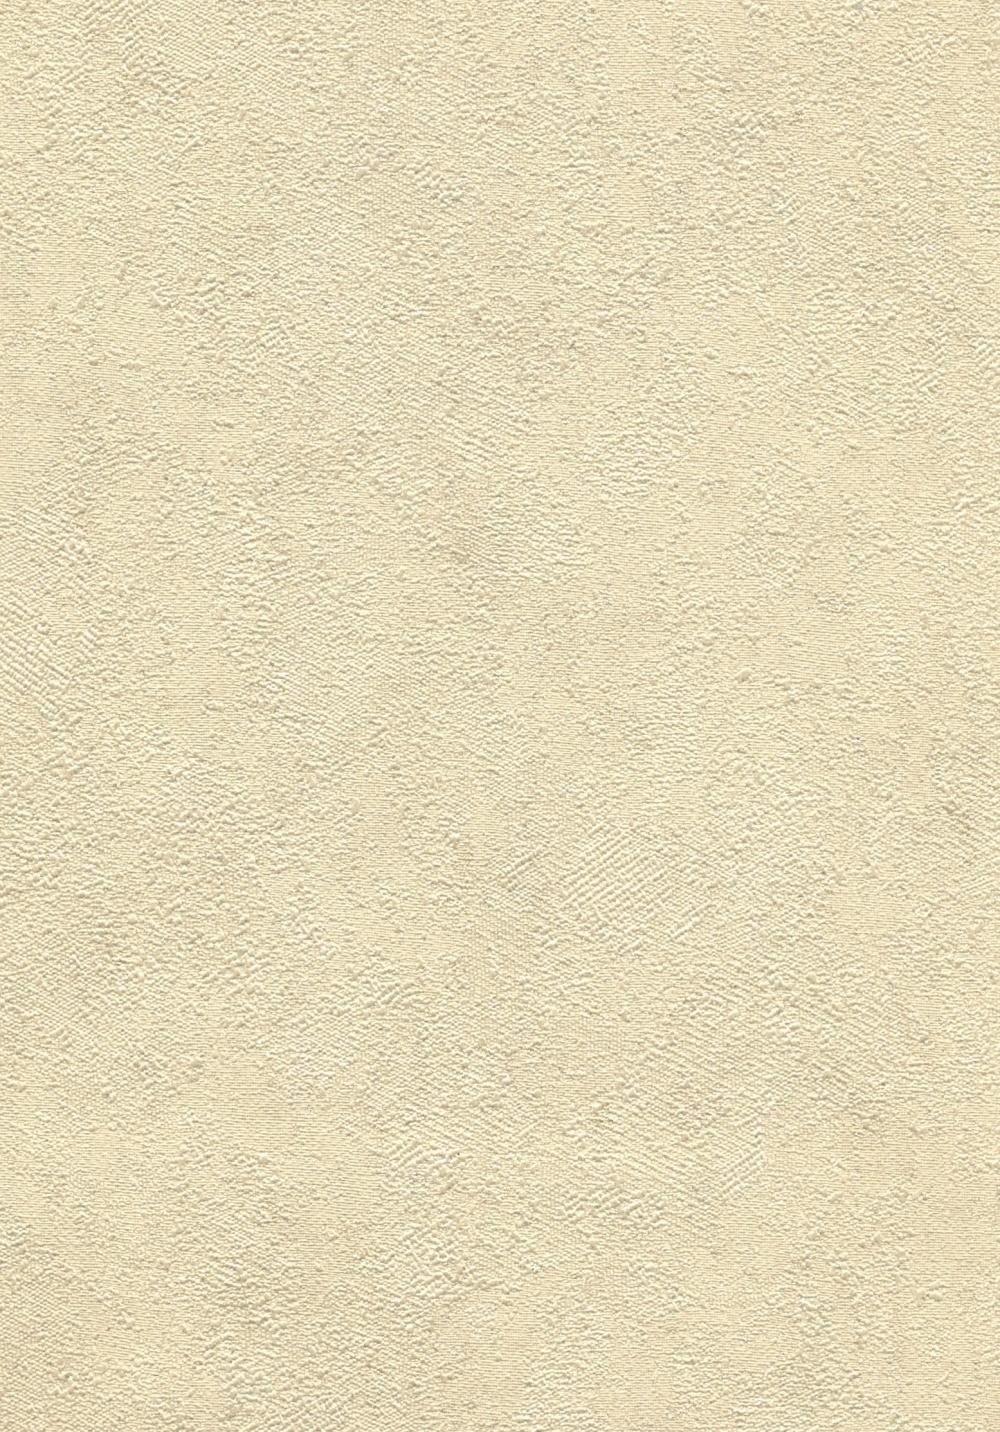 арт. 1078-02